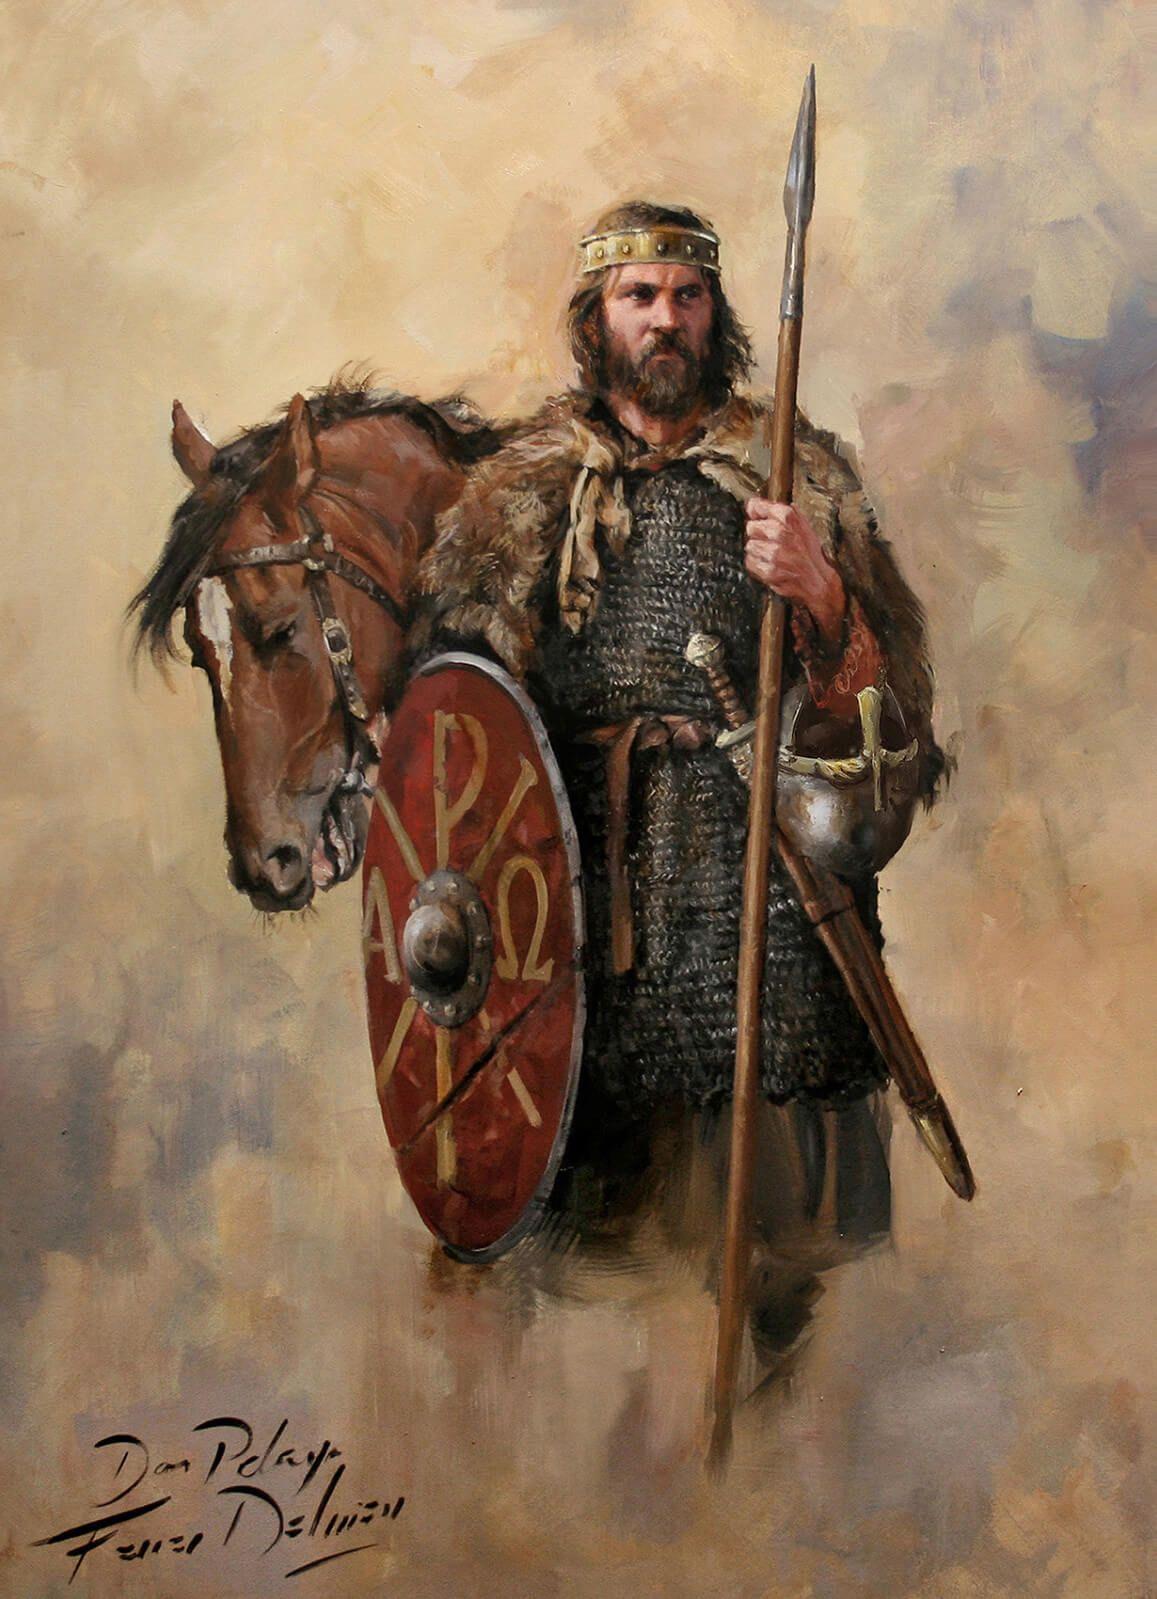 origen de don Pelayo batalla de Covadonga